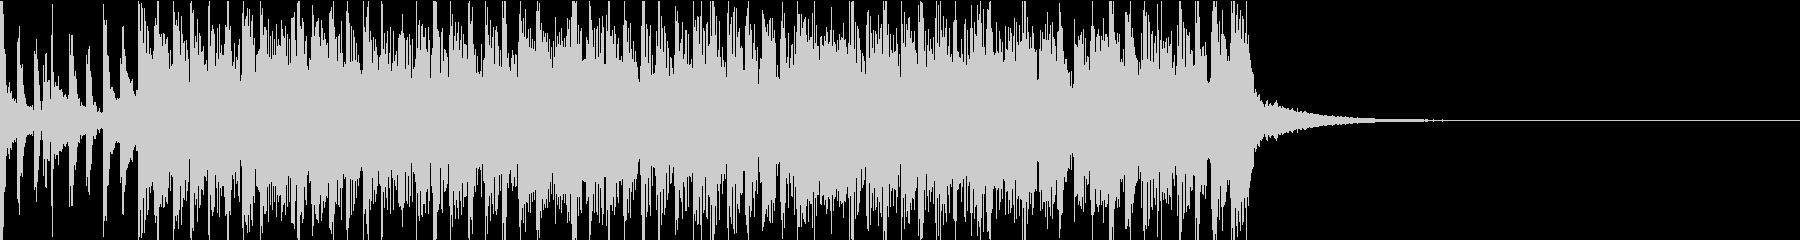 ジングル_Rock系の未再生の波形